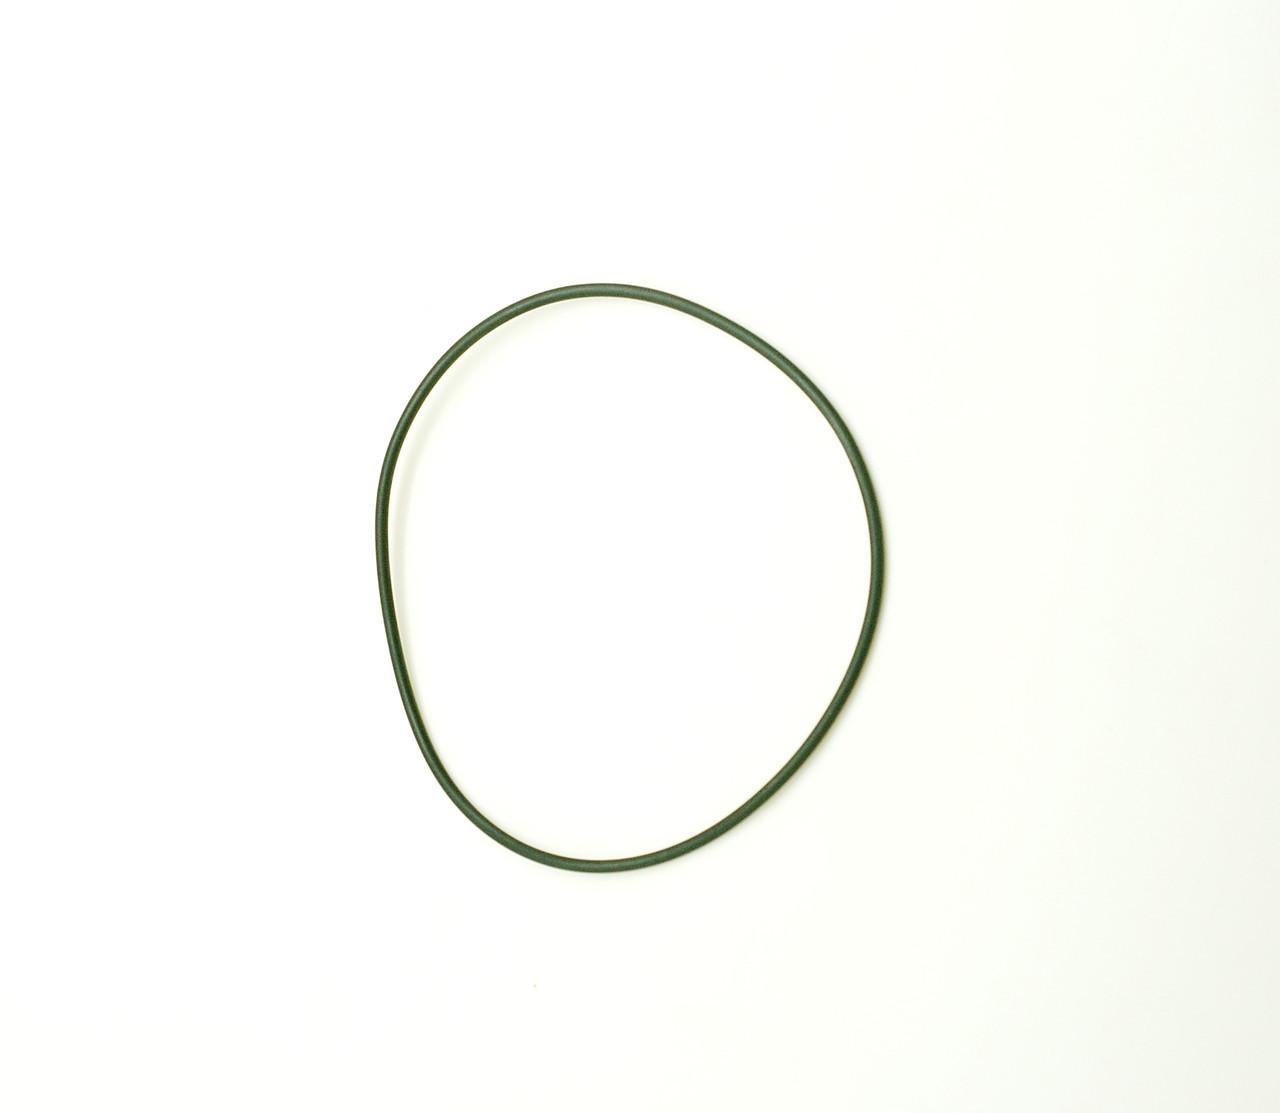 Кольцо уплотнительное крышки распредвала Cummins X Series 4299125 3679934